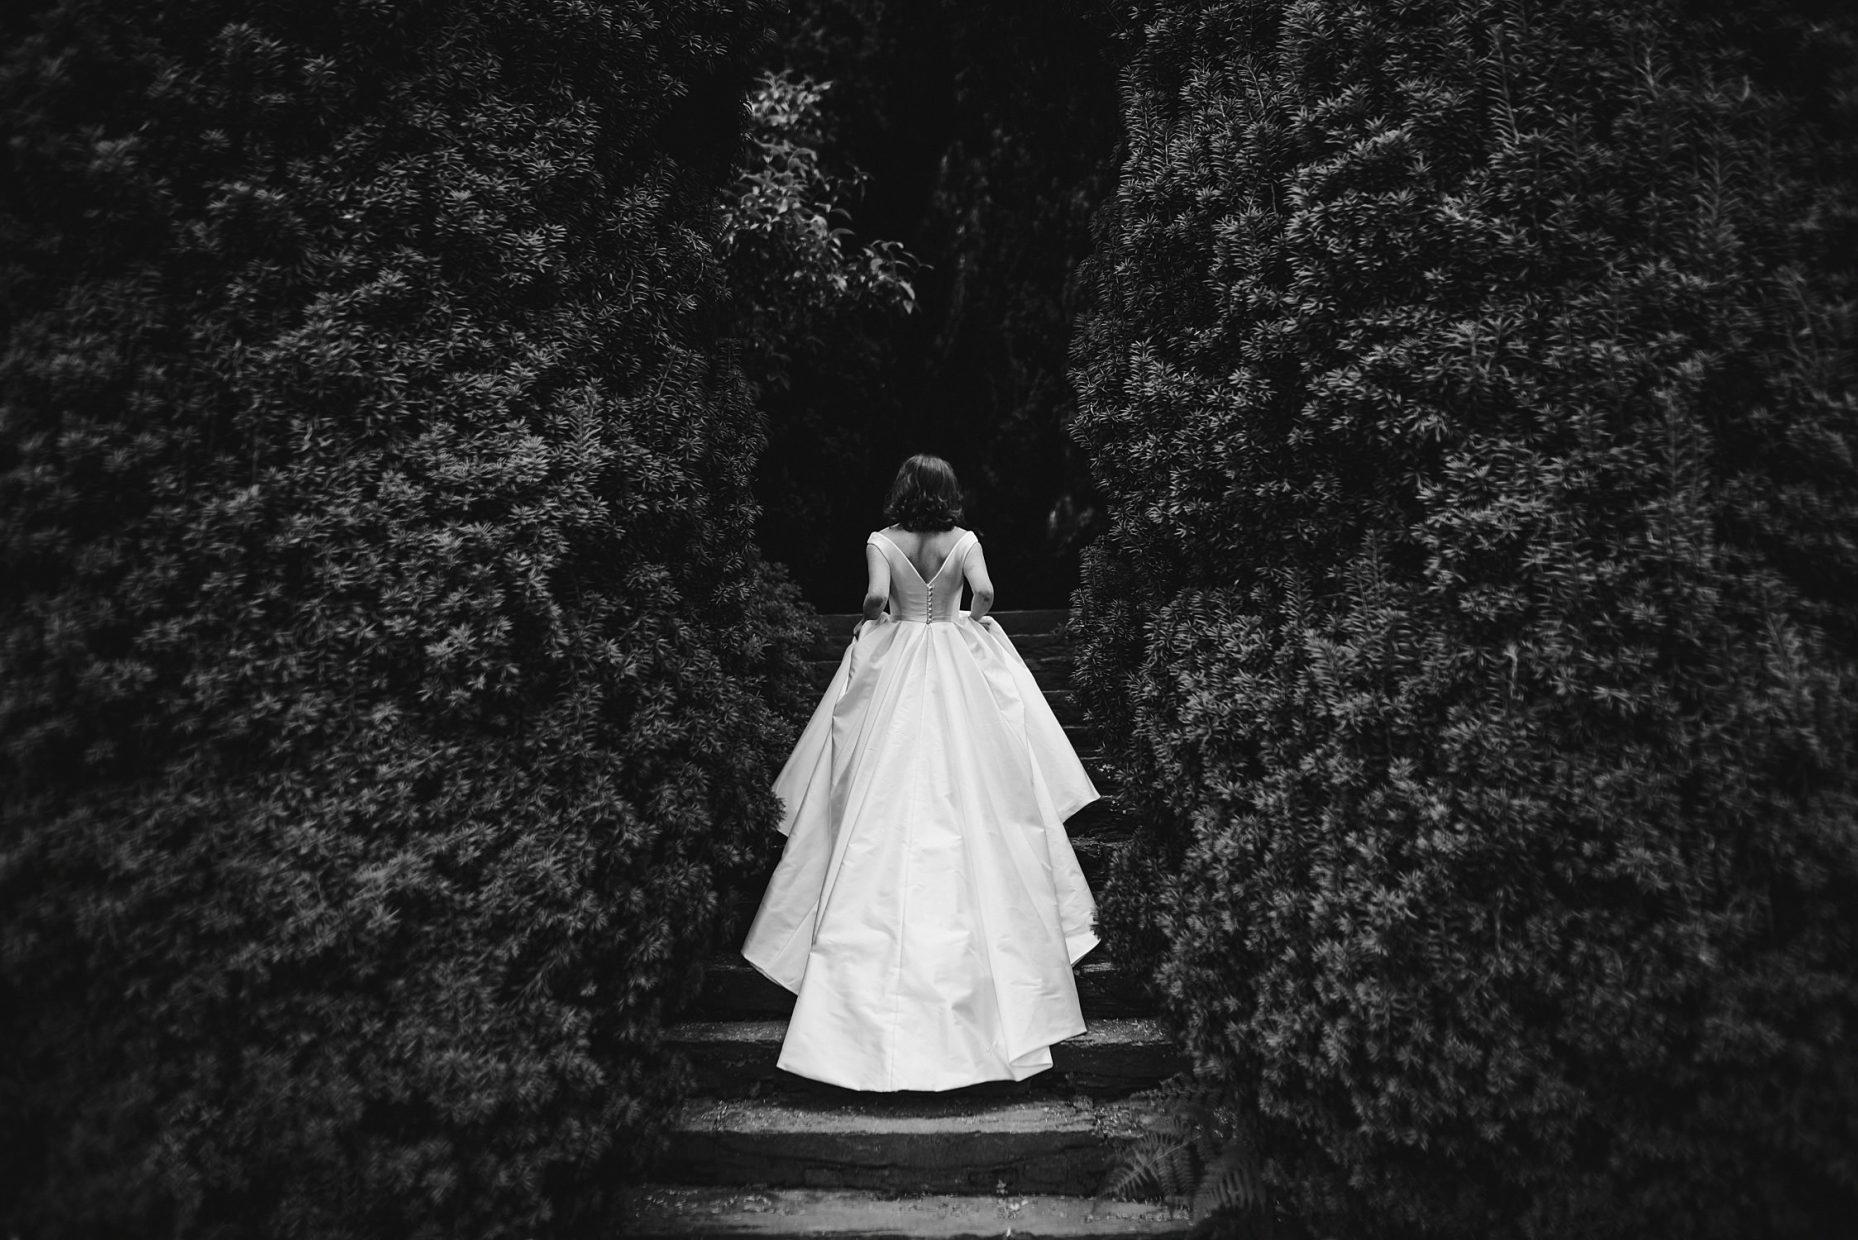 hotel endsleigh wedding photography devon